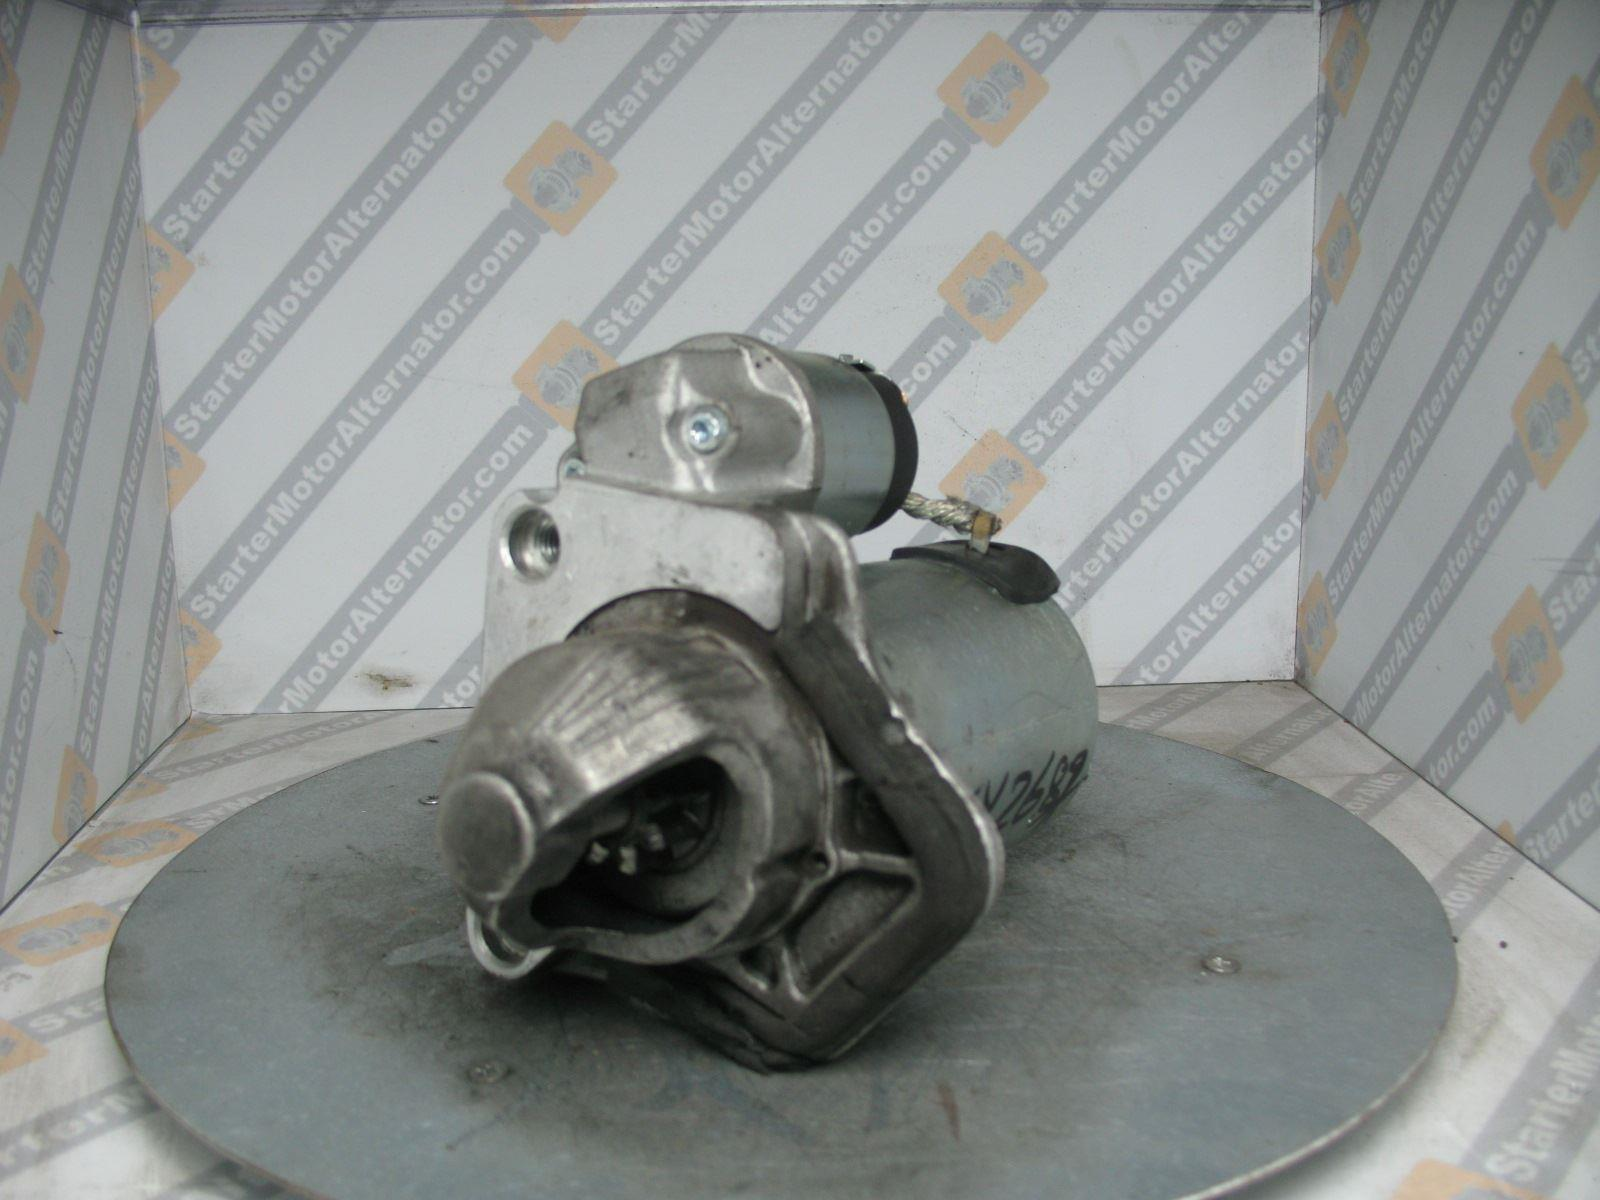 XIY2687 Starter Motor For Nissan